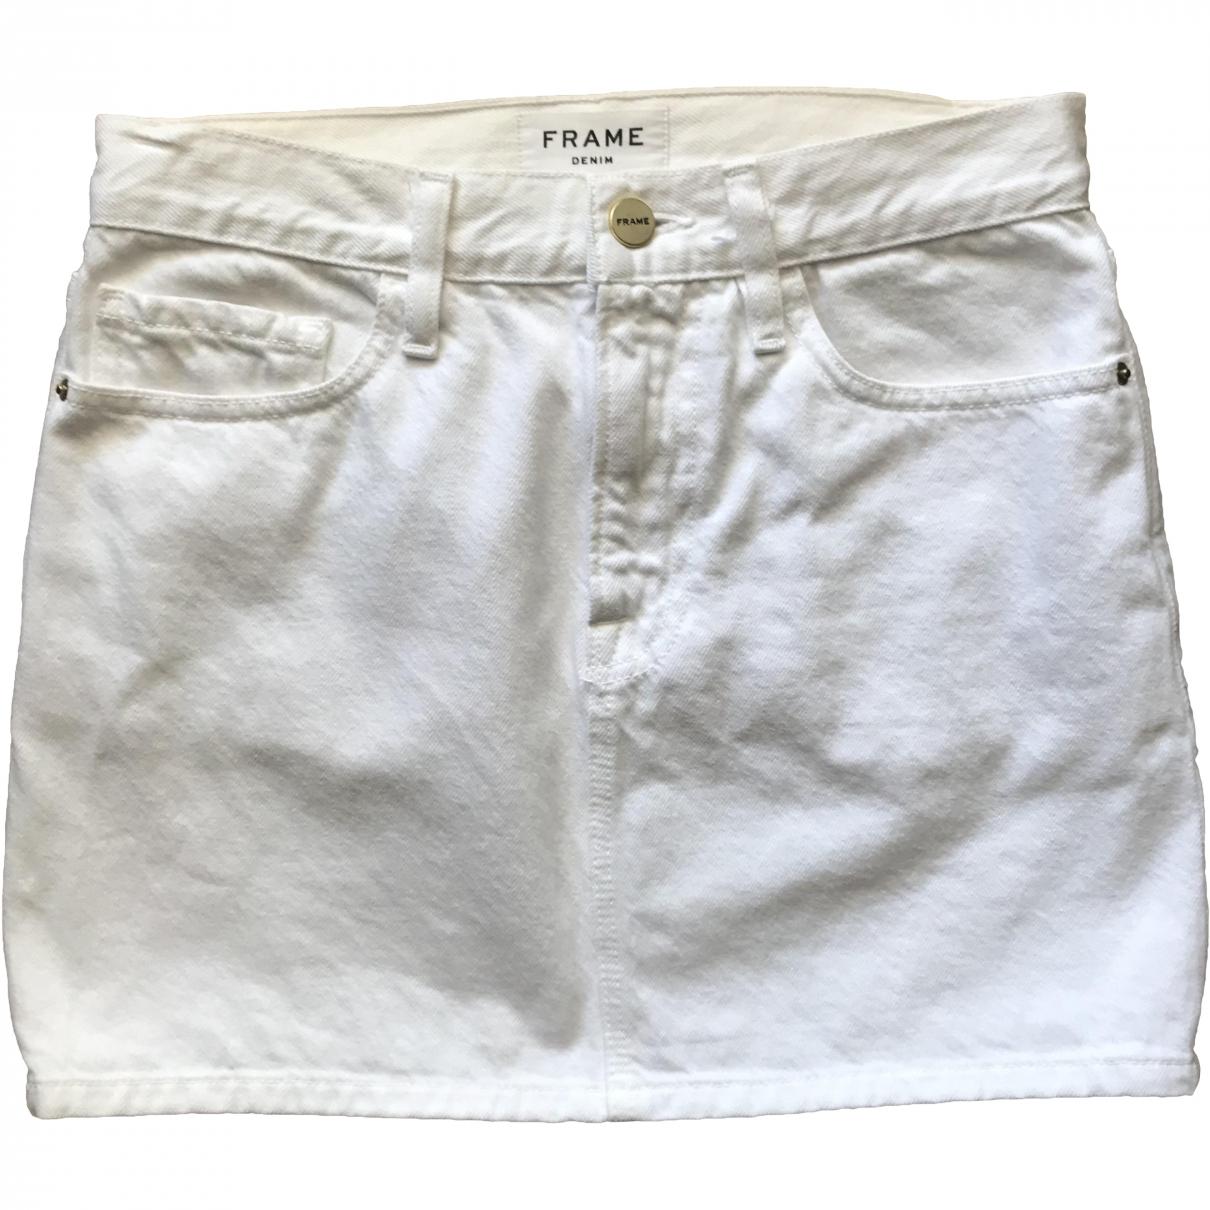 Frame Denim \N White Denim - Jeans skirt for Women XS International